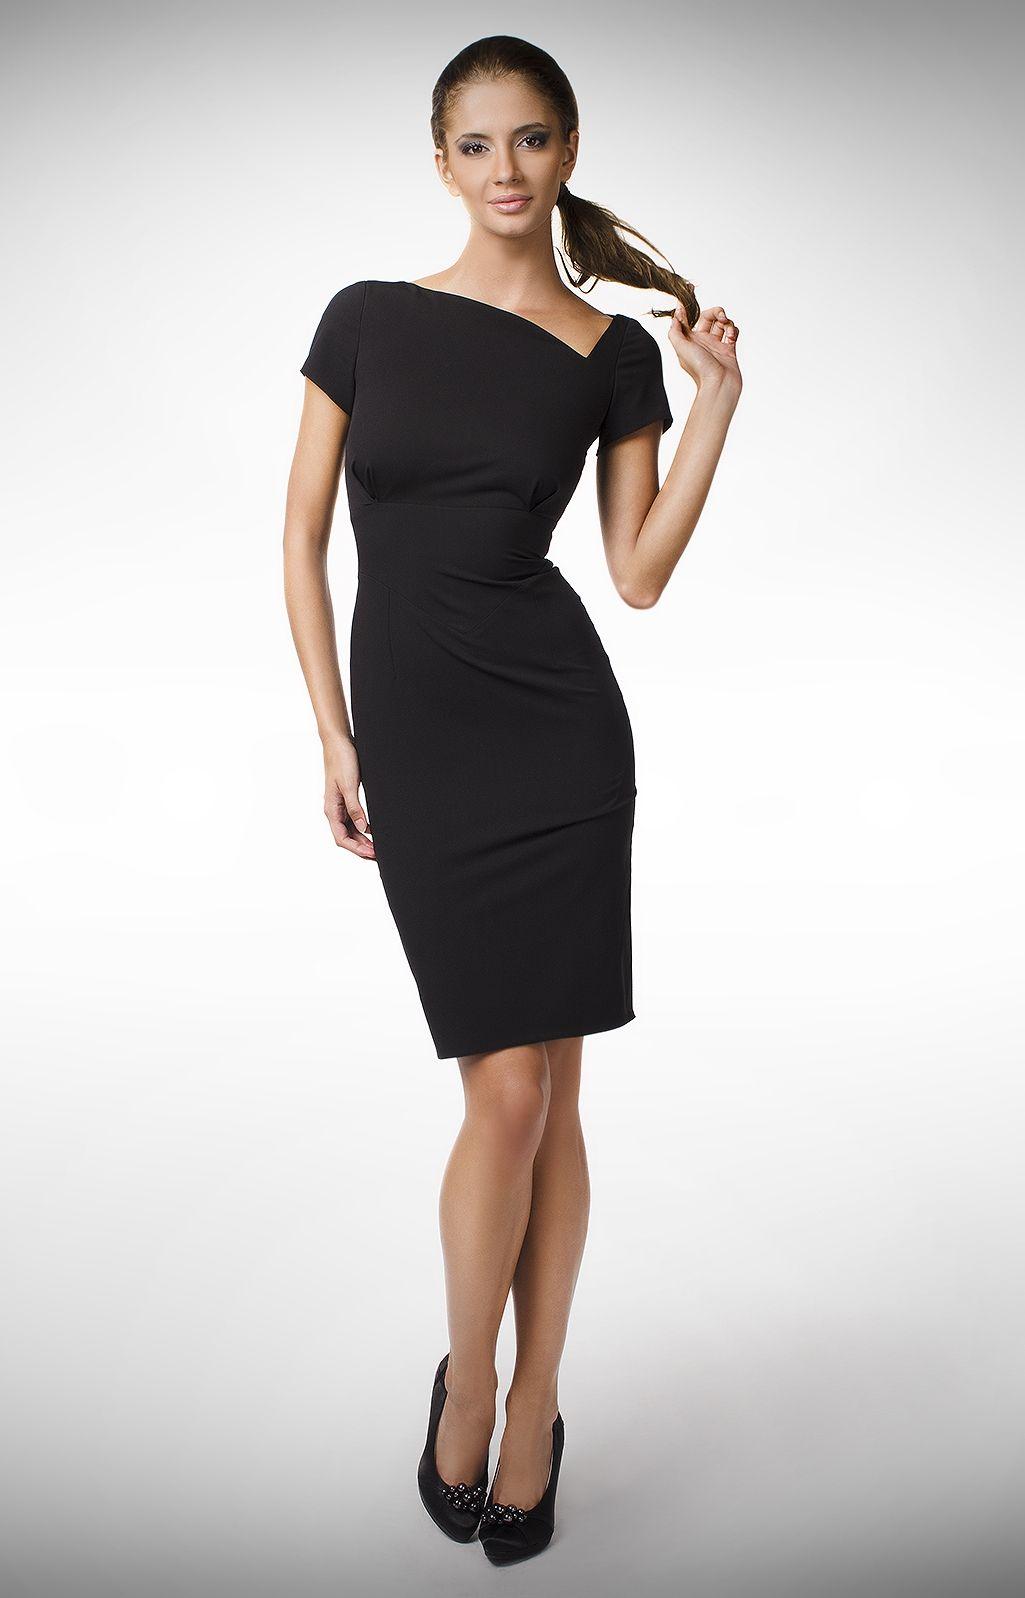 3deb8245fb0 Soyez la reine de la soirée avec cette robe fourreau au décolleté  asymétrique original.